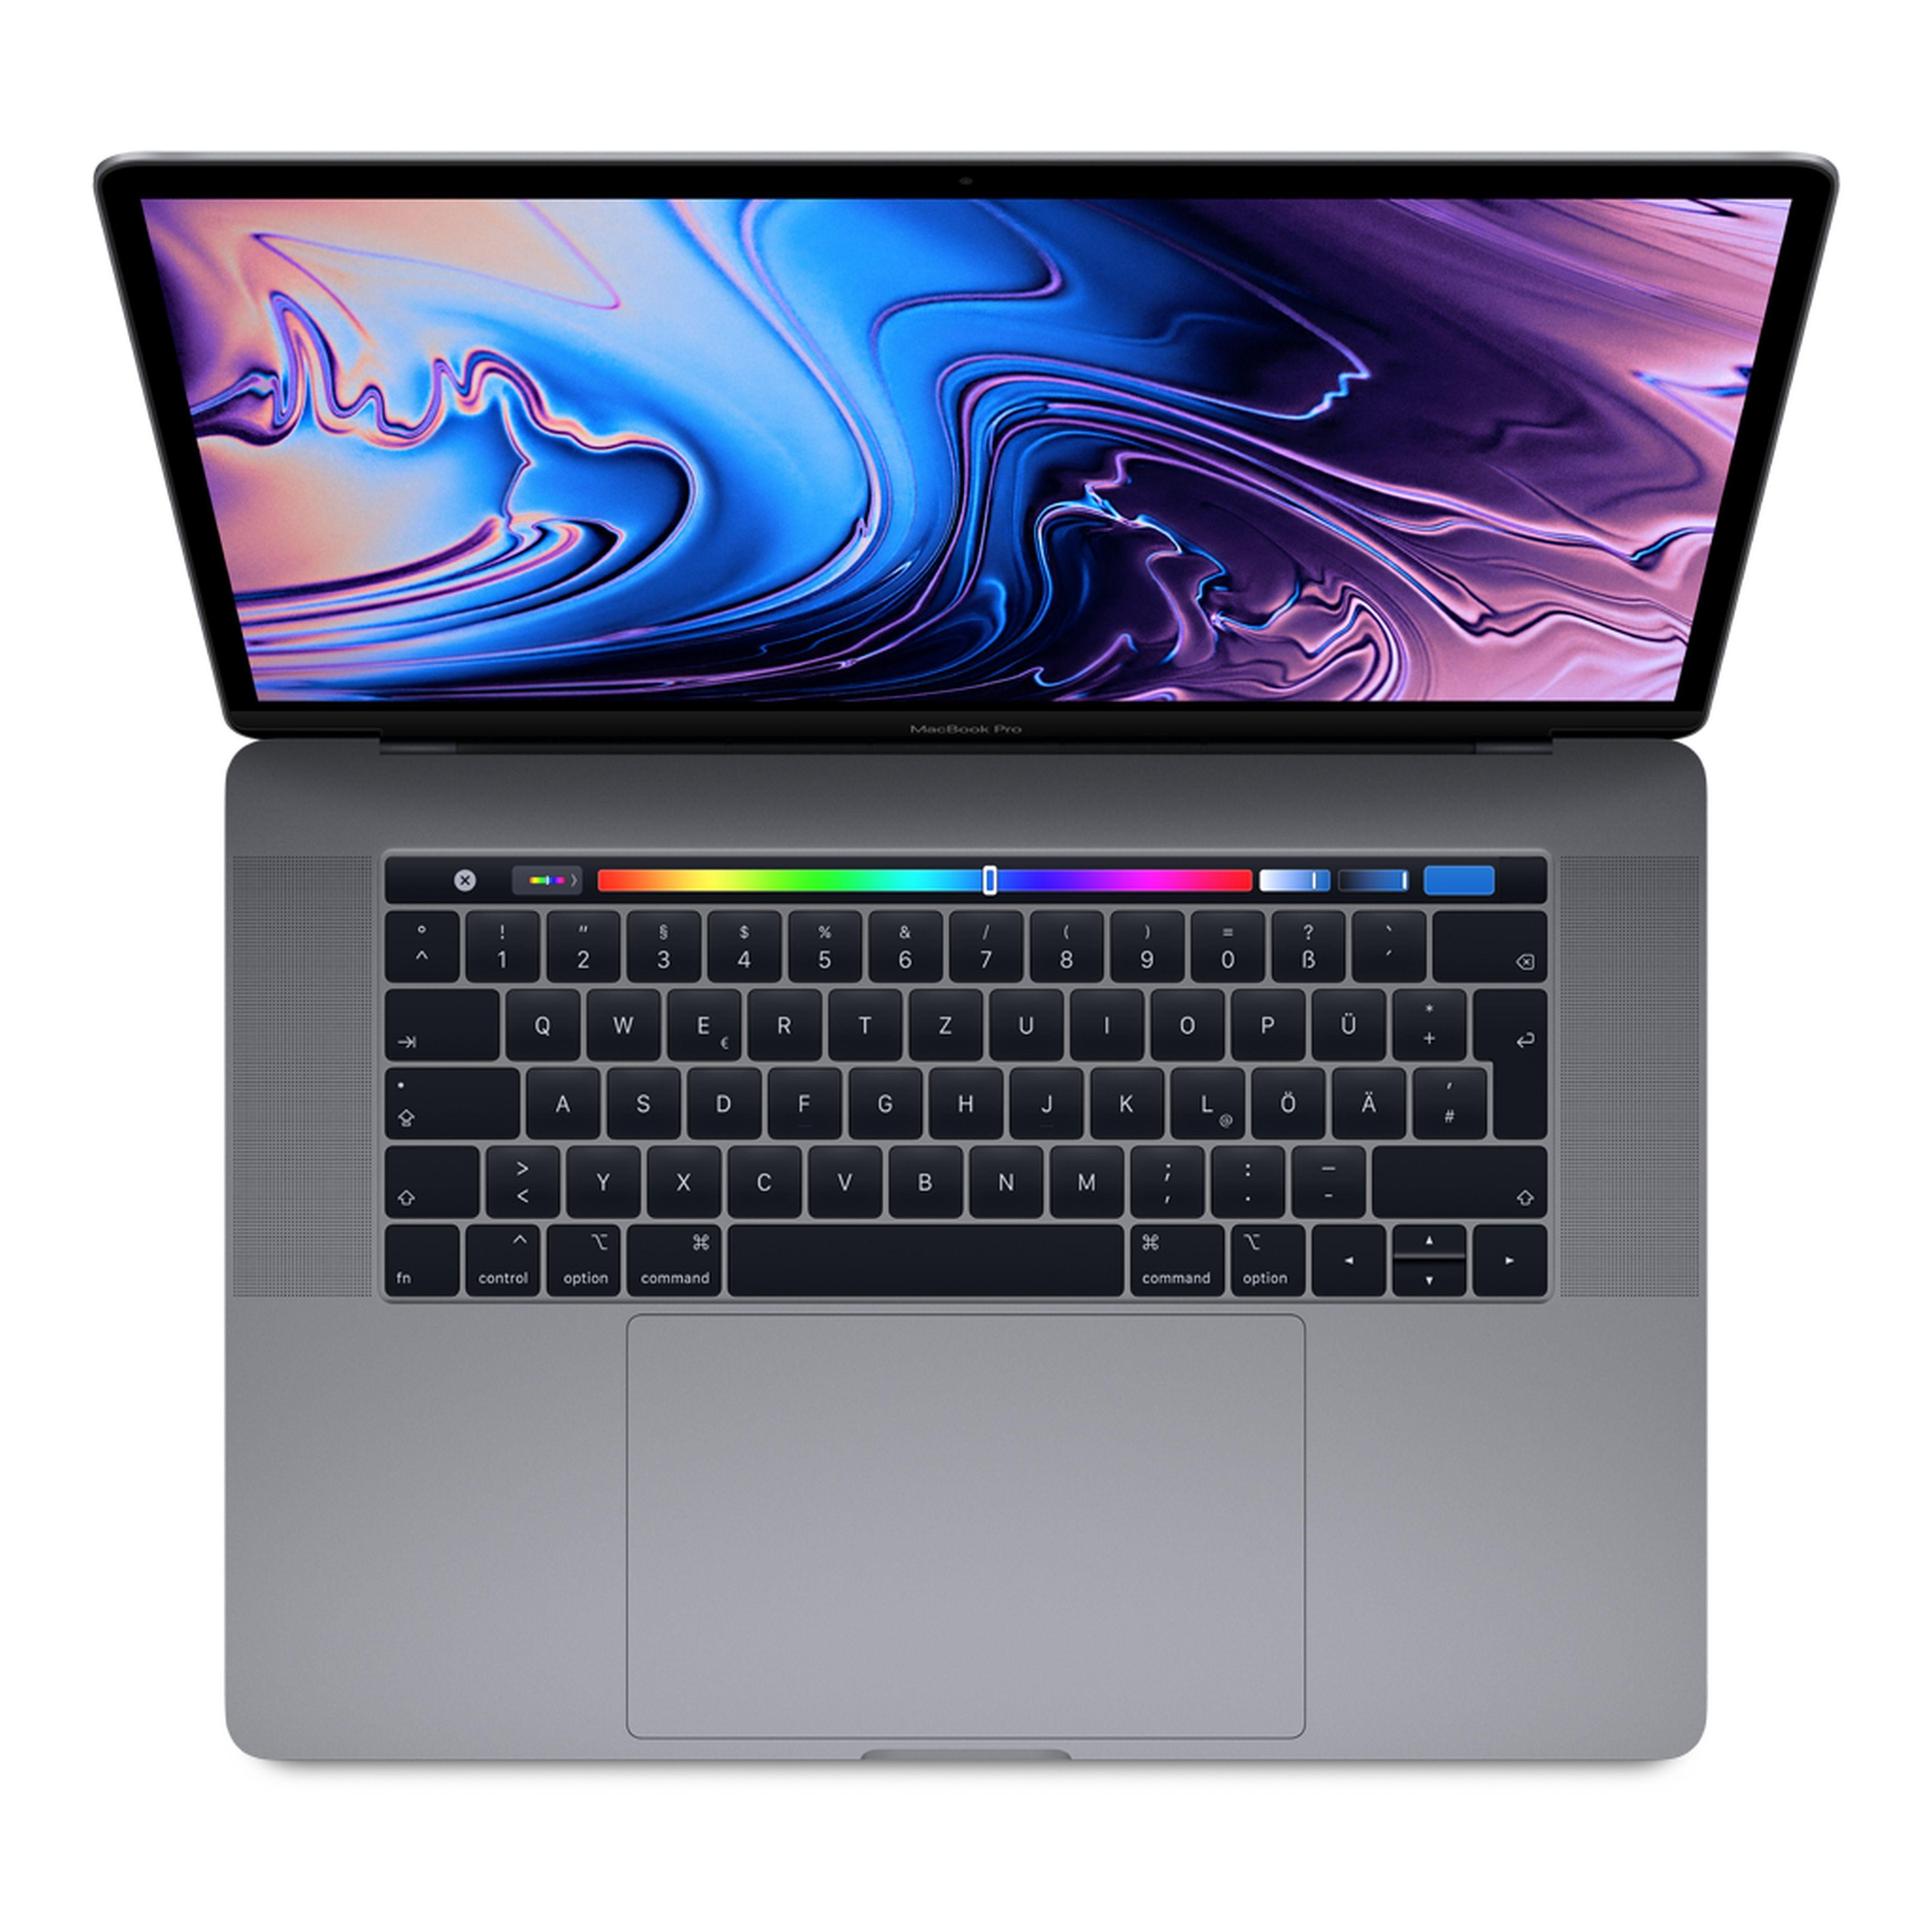 """APPLE MacBook Pro TouchBar »6-Core i7, 39,1 cm (15,4""""), 512 GB SSD, 32 GB«"""